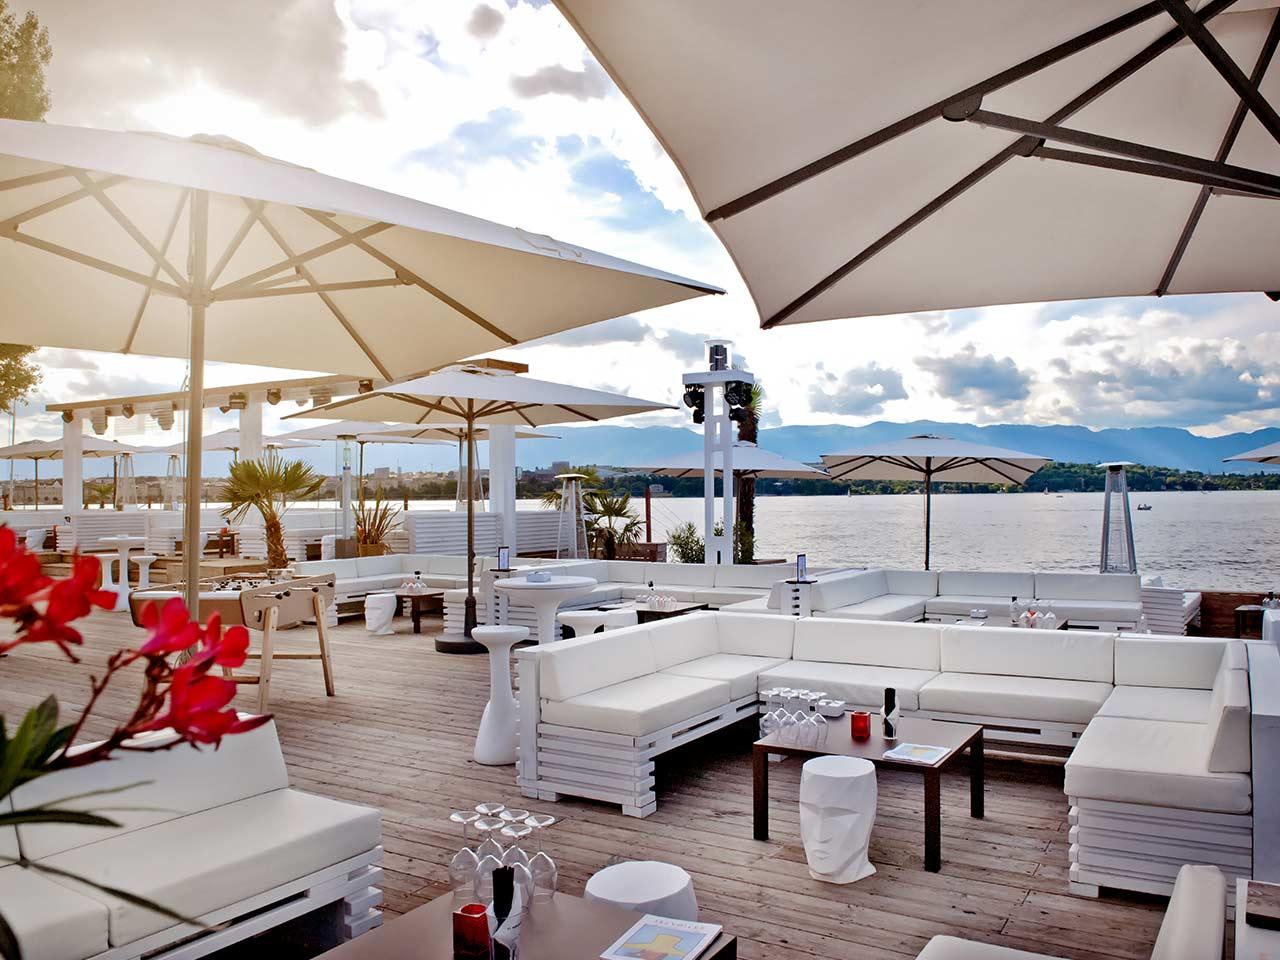 les voiles geneve plage terrasse